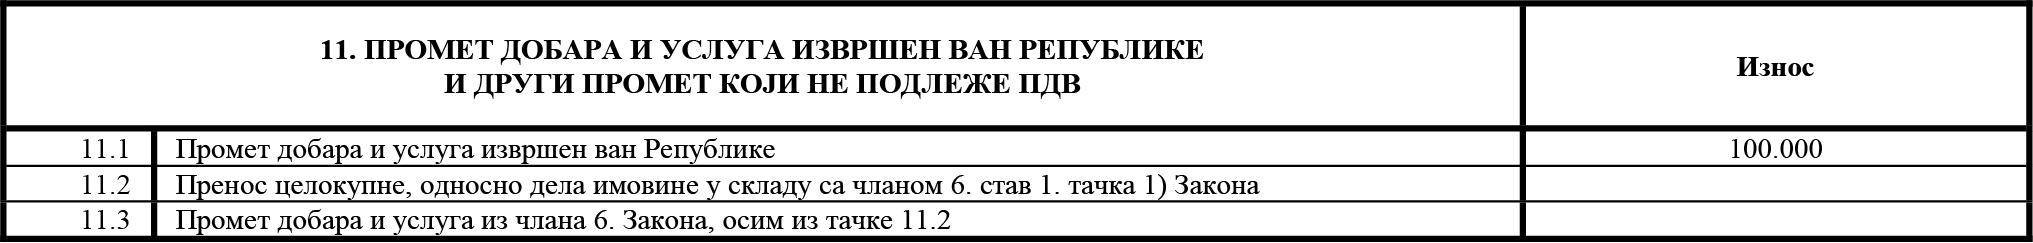 uputstvo PU obrazac POPDV primer 132